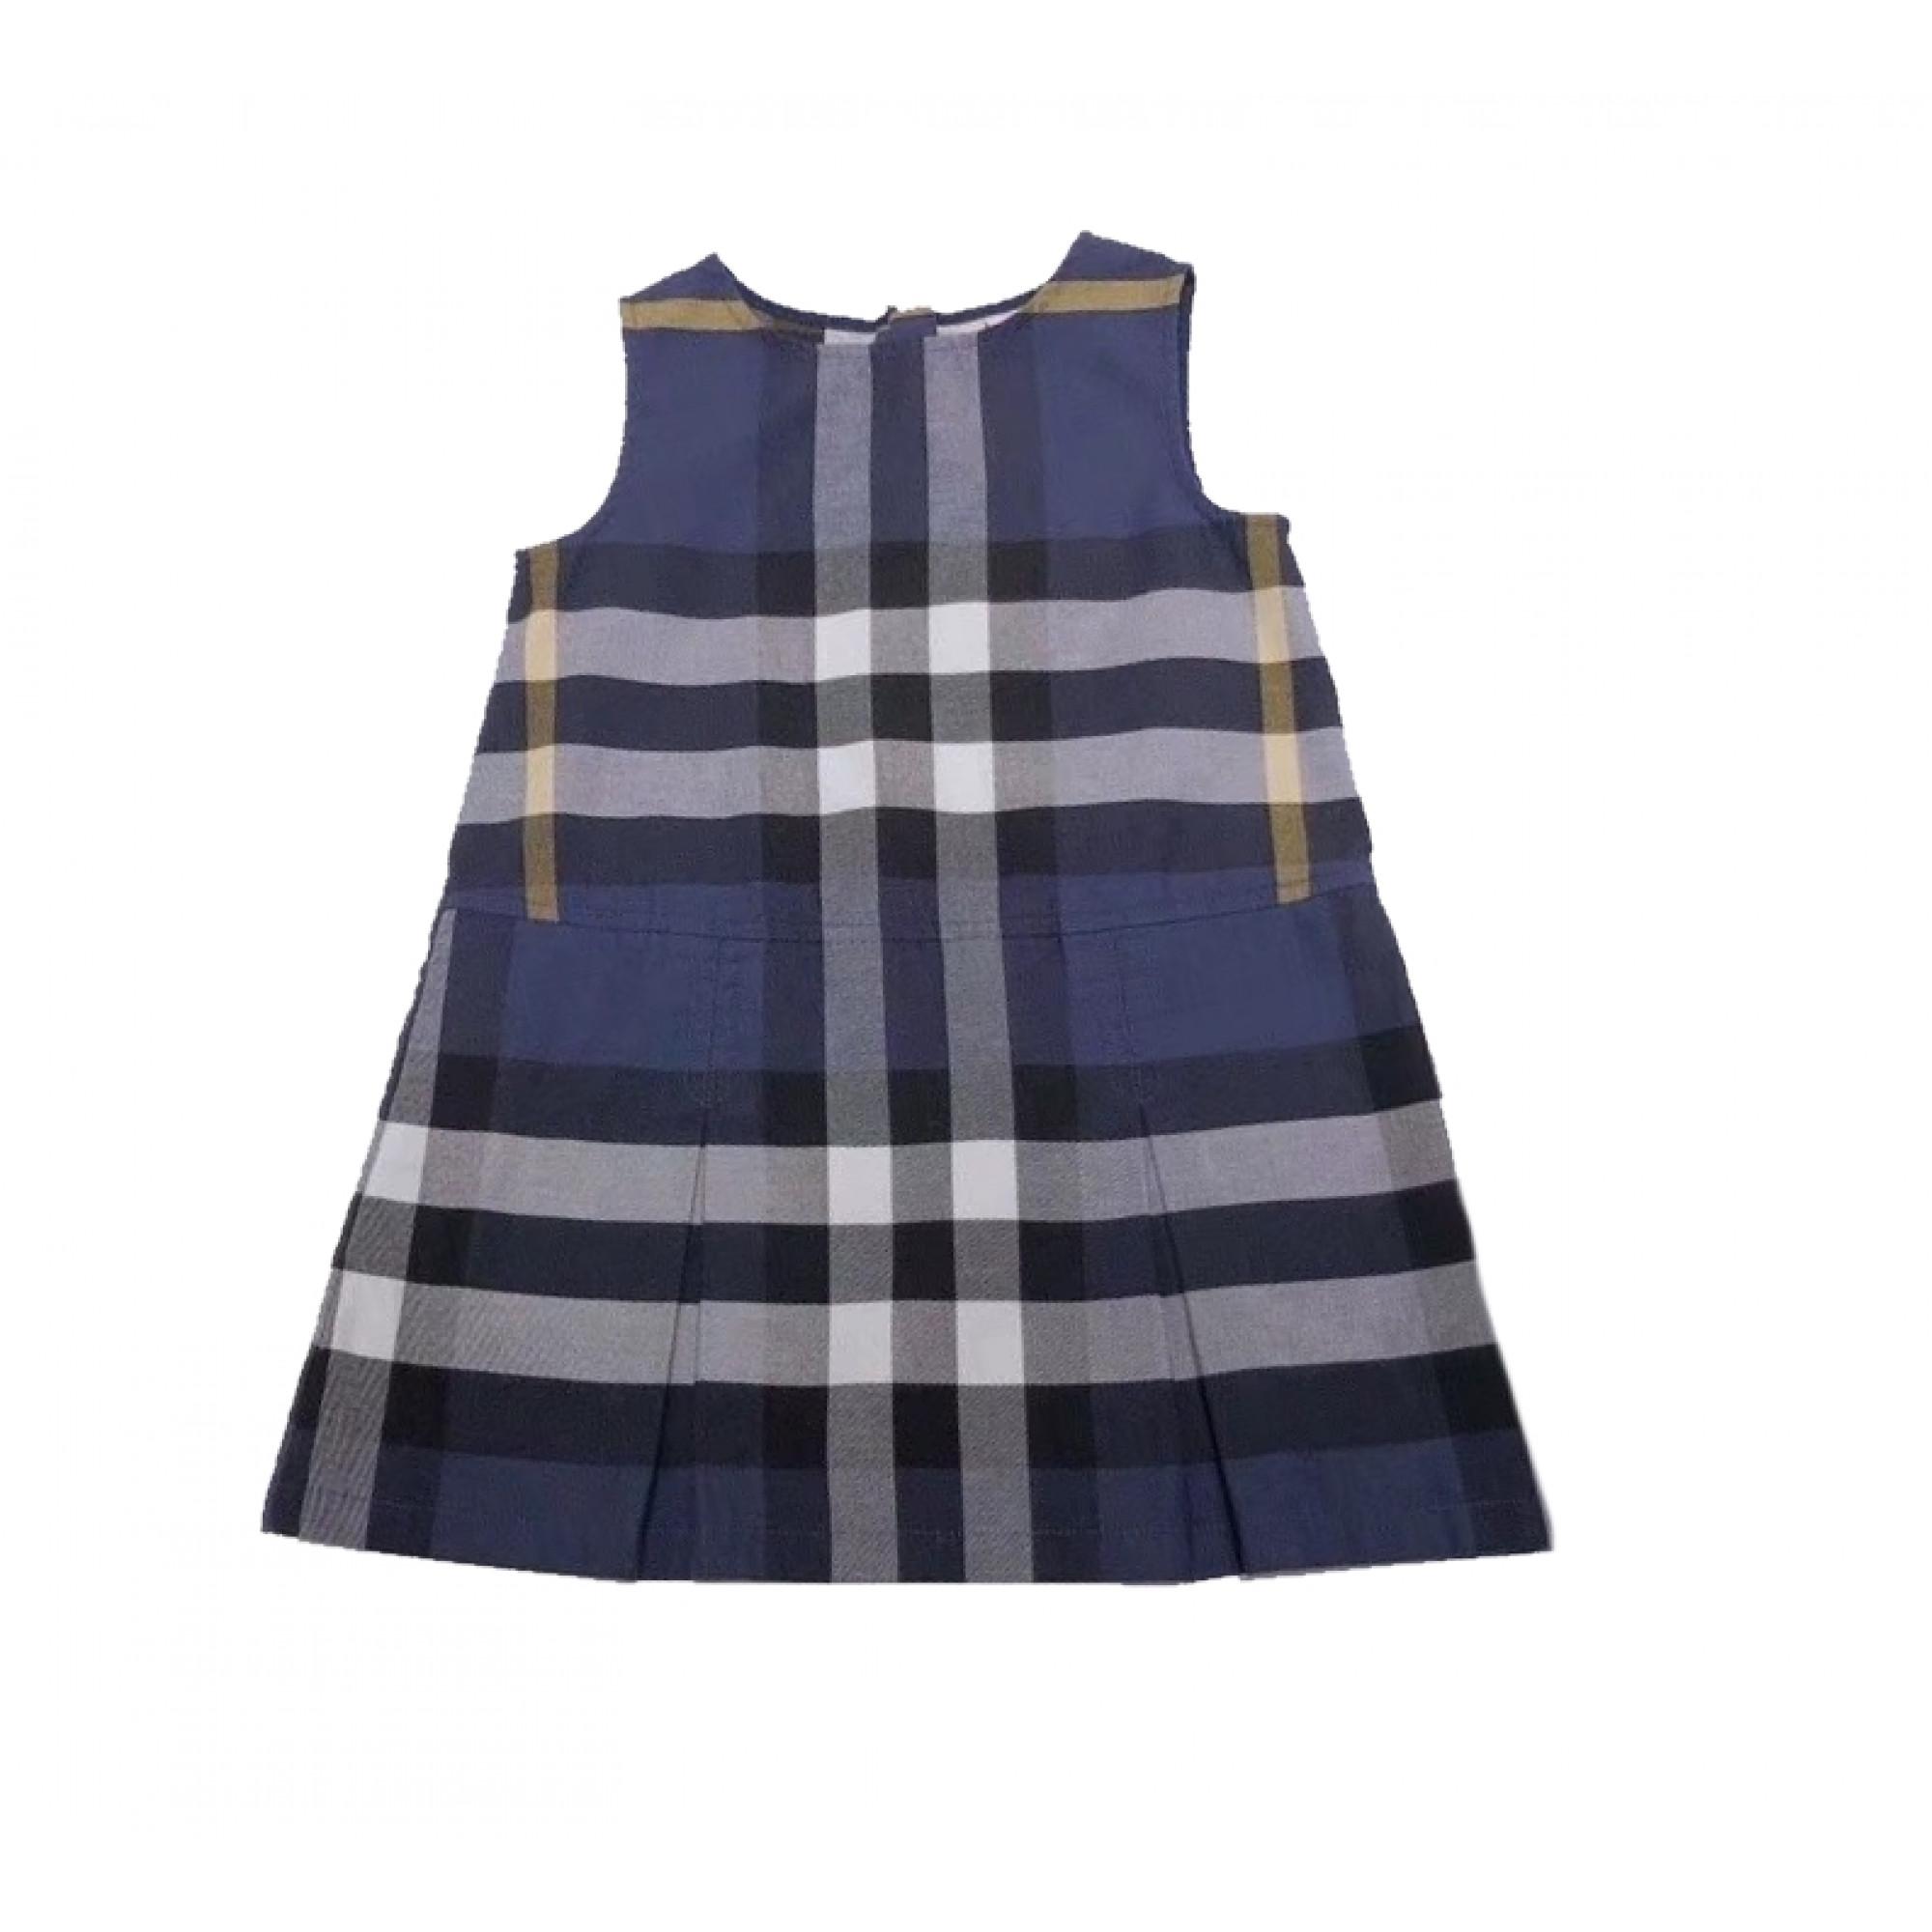 Детский сарафан Burberry в клетку  купить детские платья в интернет ... c7ac4a26014